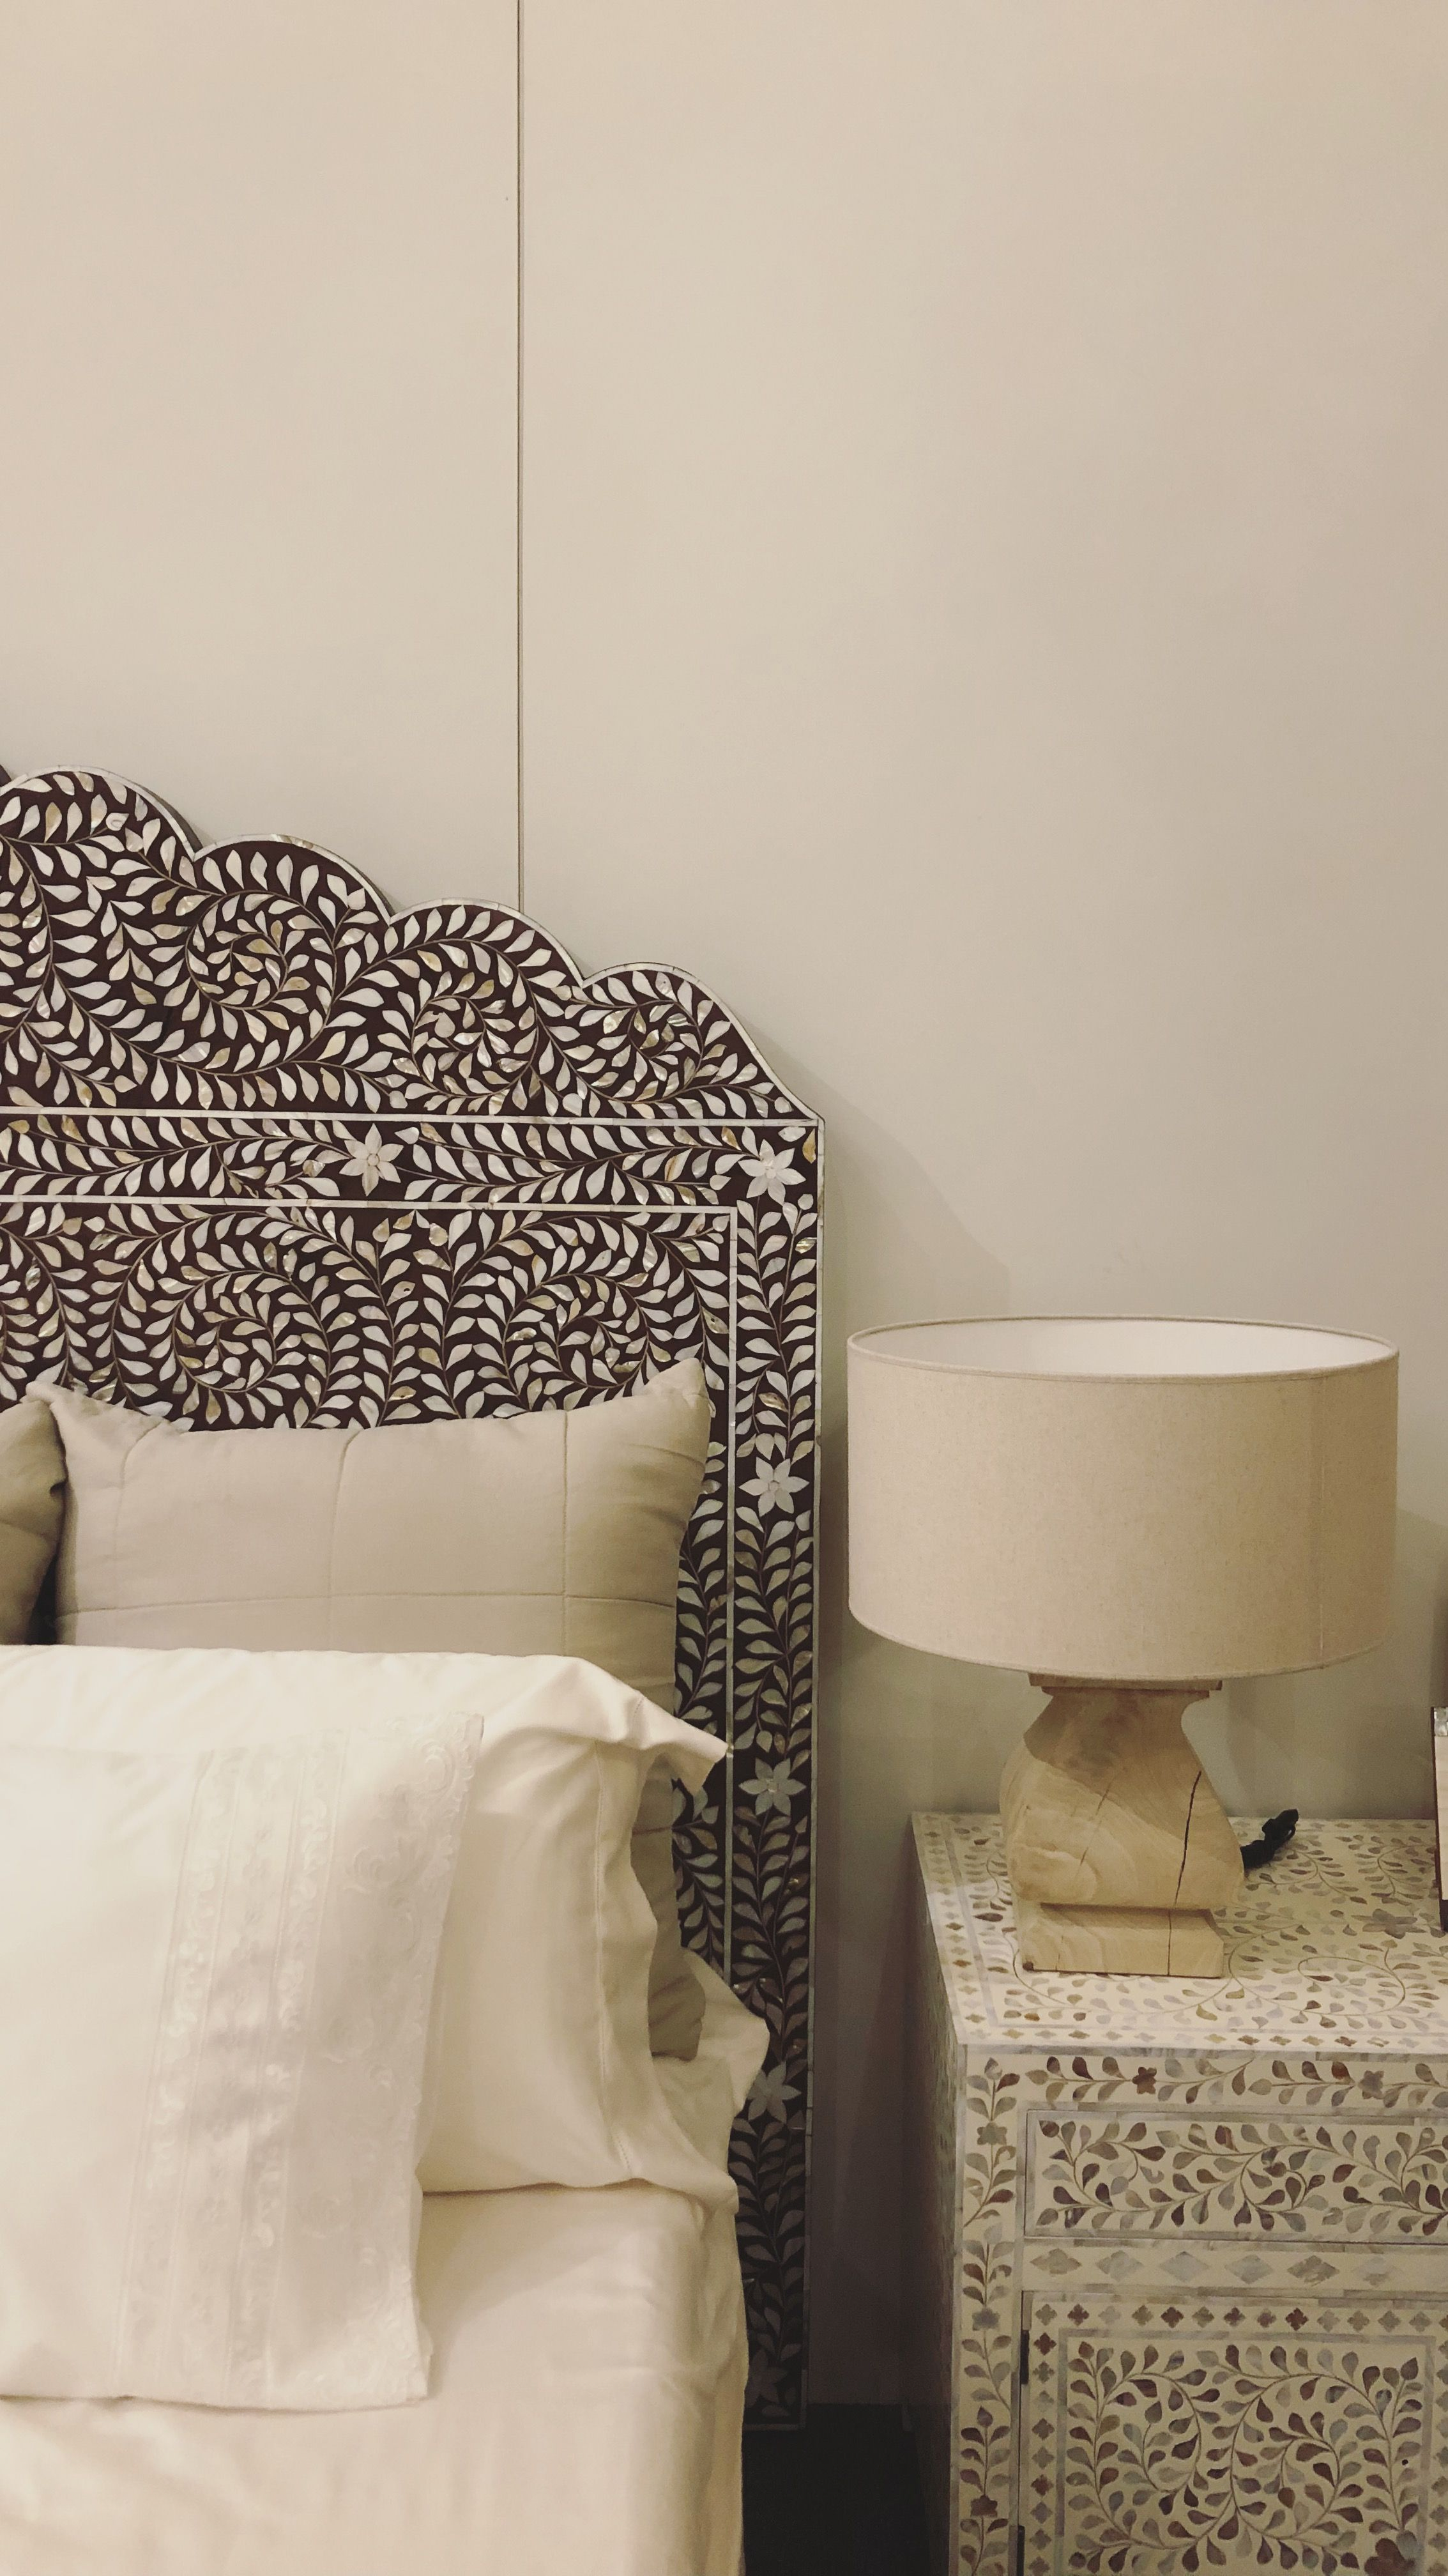 White Dorm Room Inspo